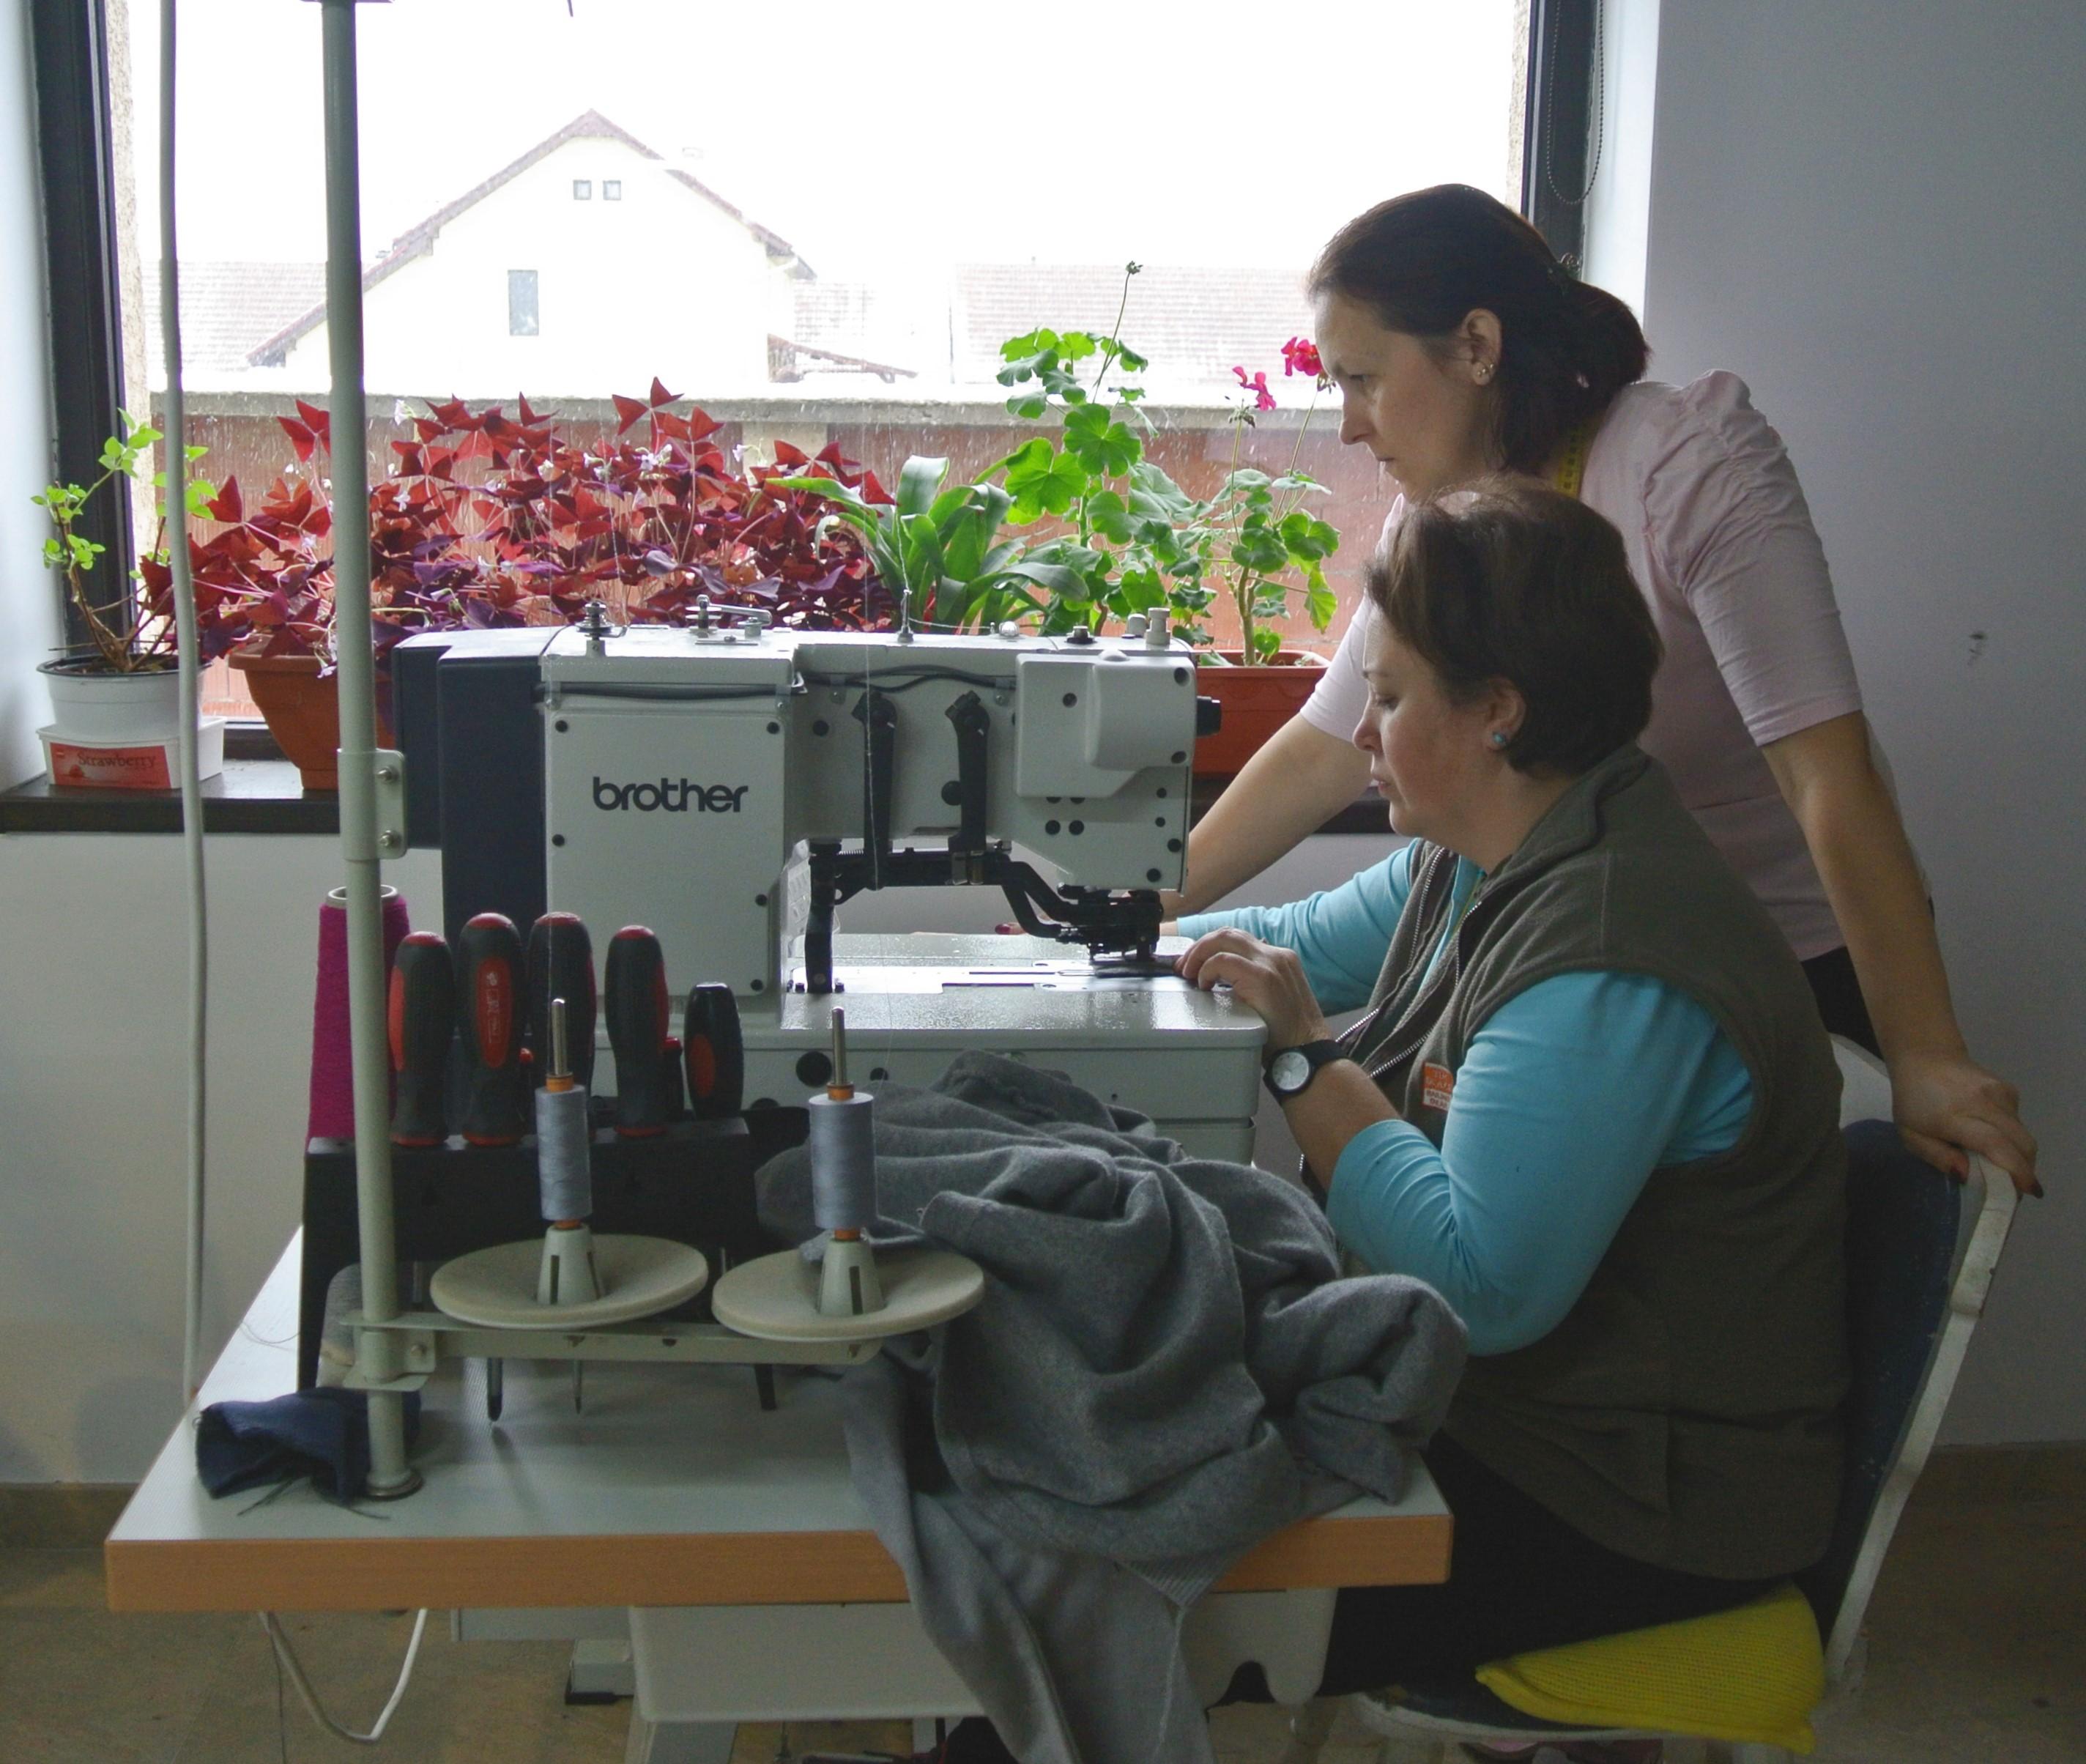 Zwei Frauen an einem Nähmaschinentisch.